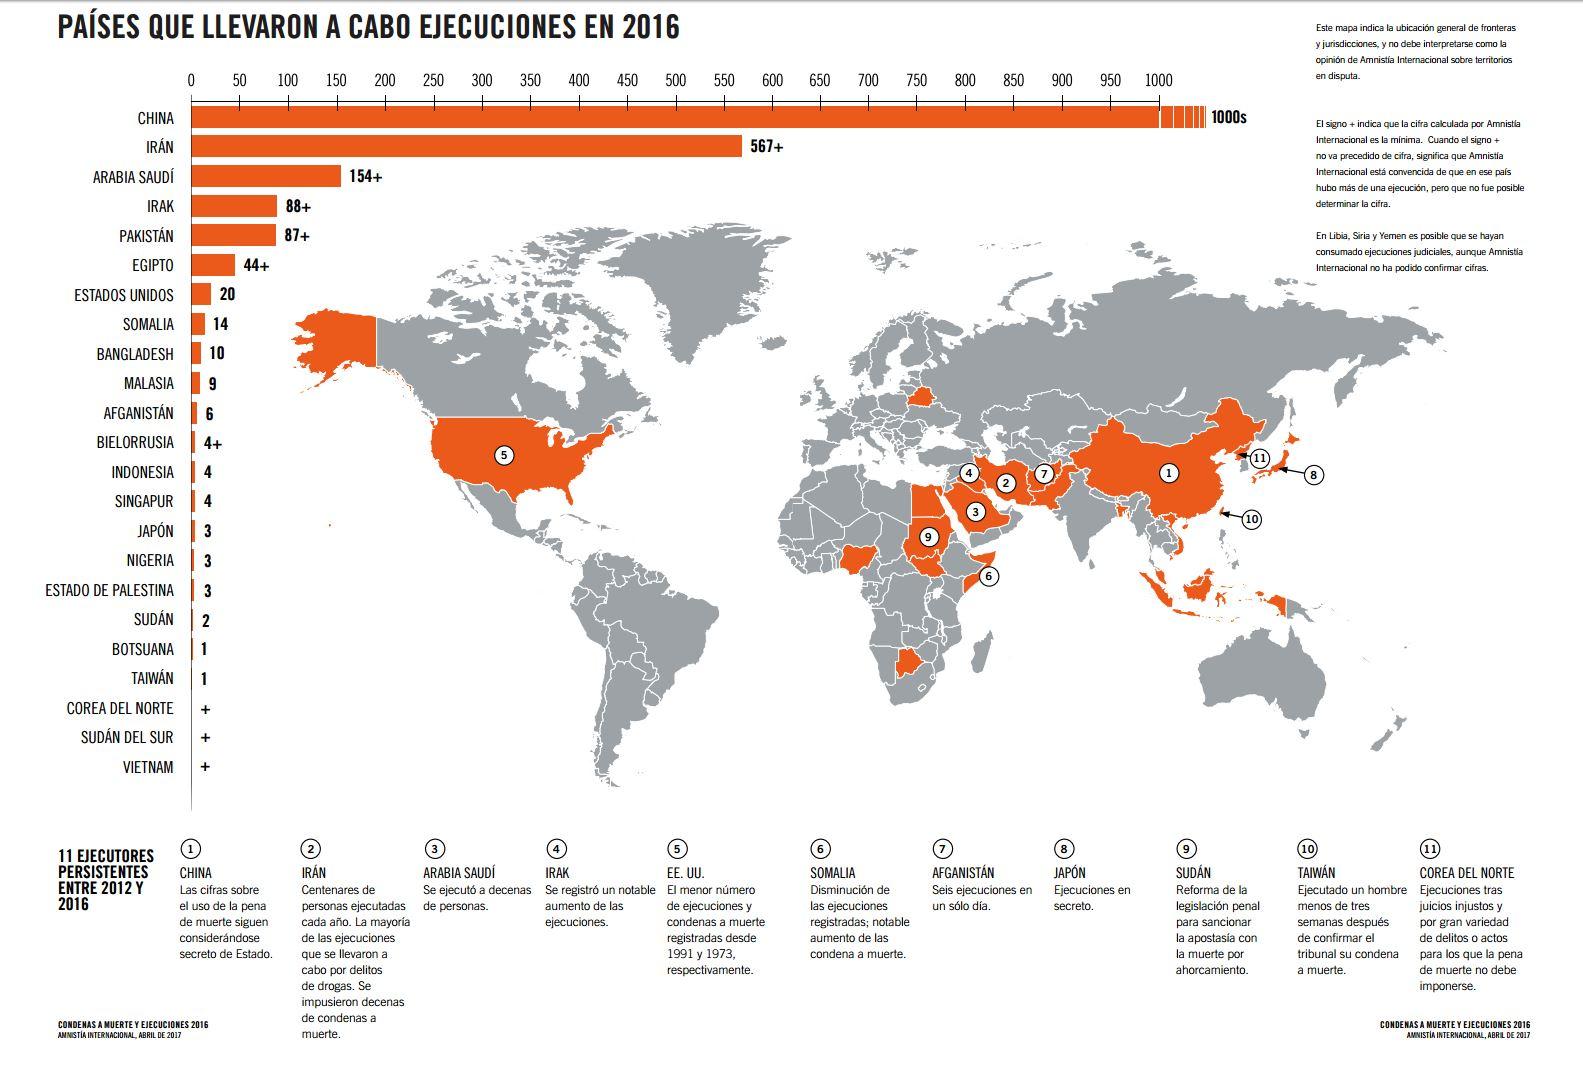 El mapa que muestra el ranking de países que más ejecutan a sus condenados (Amnistía Internacional)